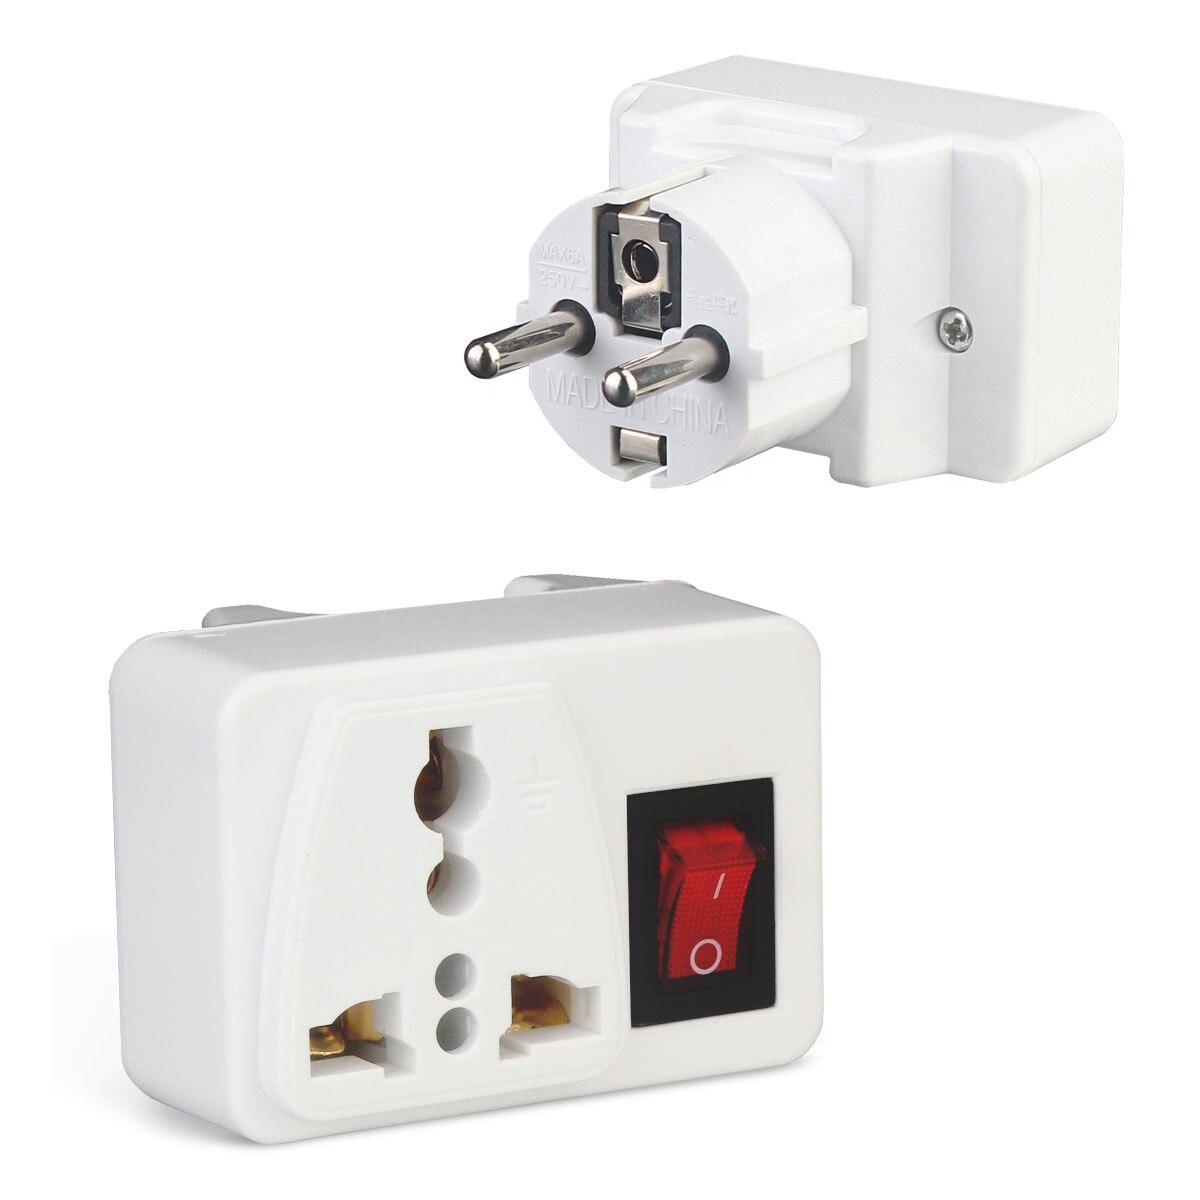 Универсальная электрическая вилка с переключателем ВКЛ./ВЫКЛ., международное зарядное устройство, адаптер питания, ЕС GDeals